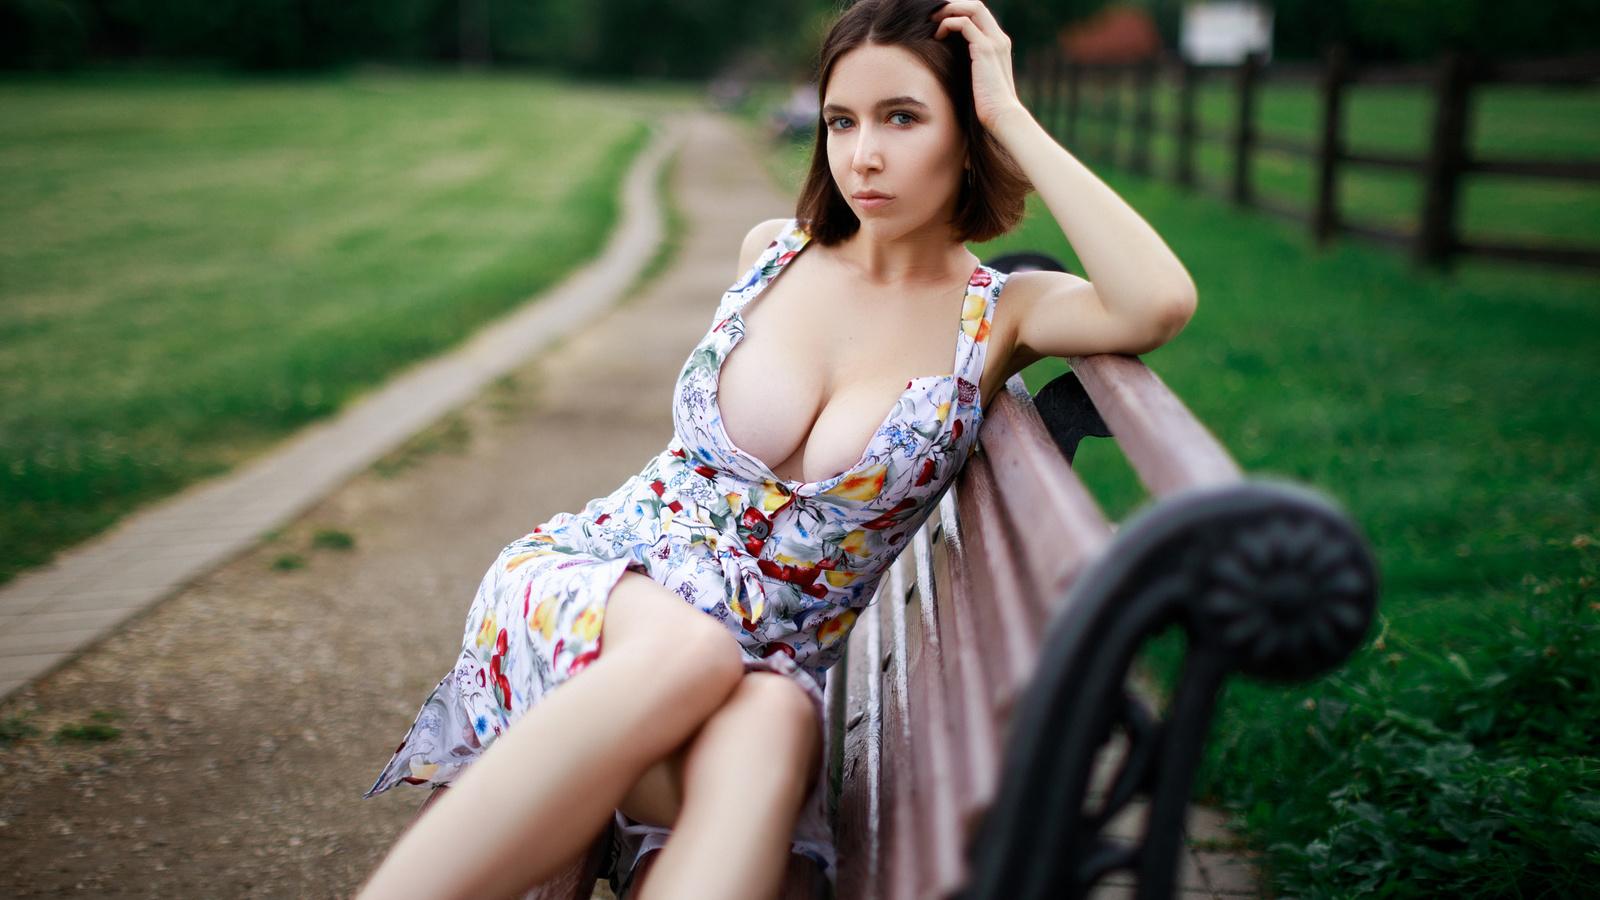 максим романов, проф фото, девушка,сидит,позирует,взгляд,платье,фигурка,грудь,большая,секси,улица,природа,скамейка, дорога, maksim romanov